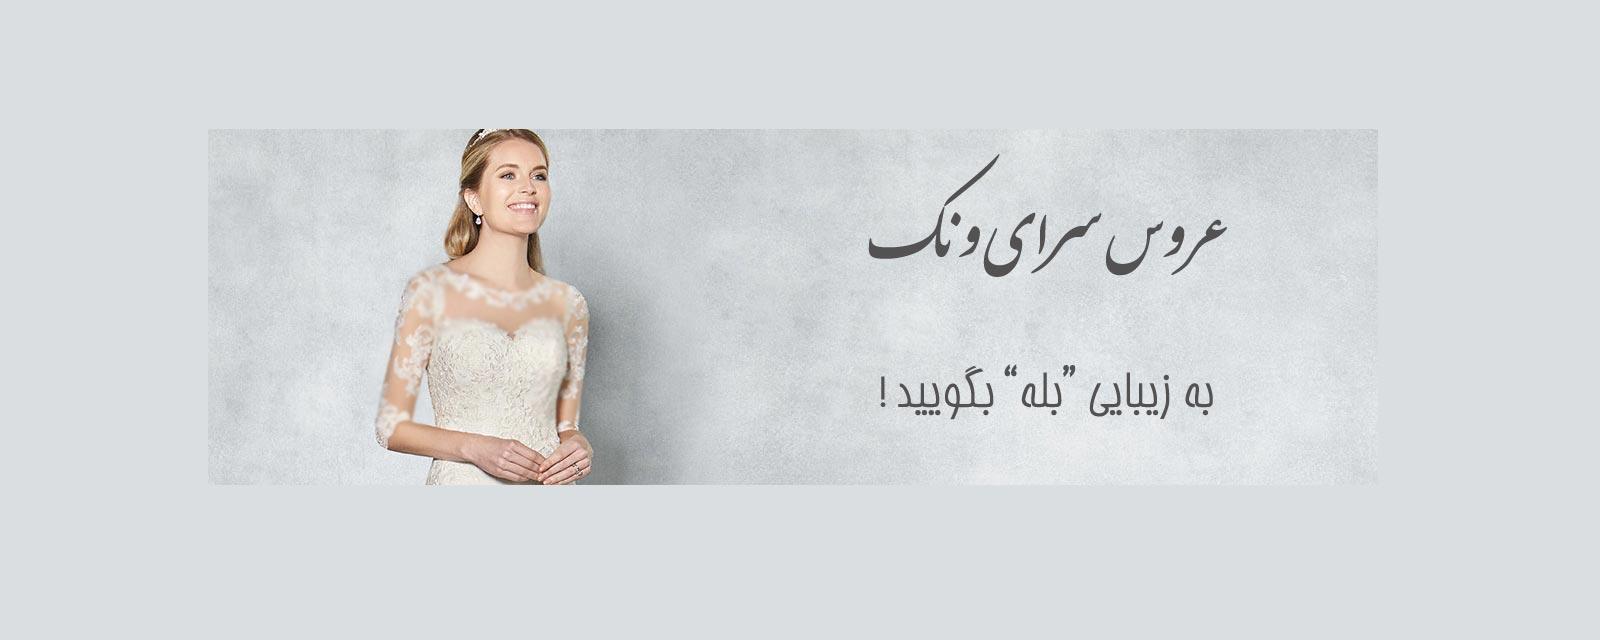 وب سایت عروس سرای ونک